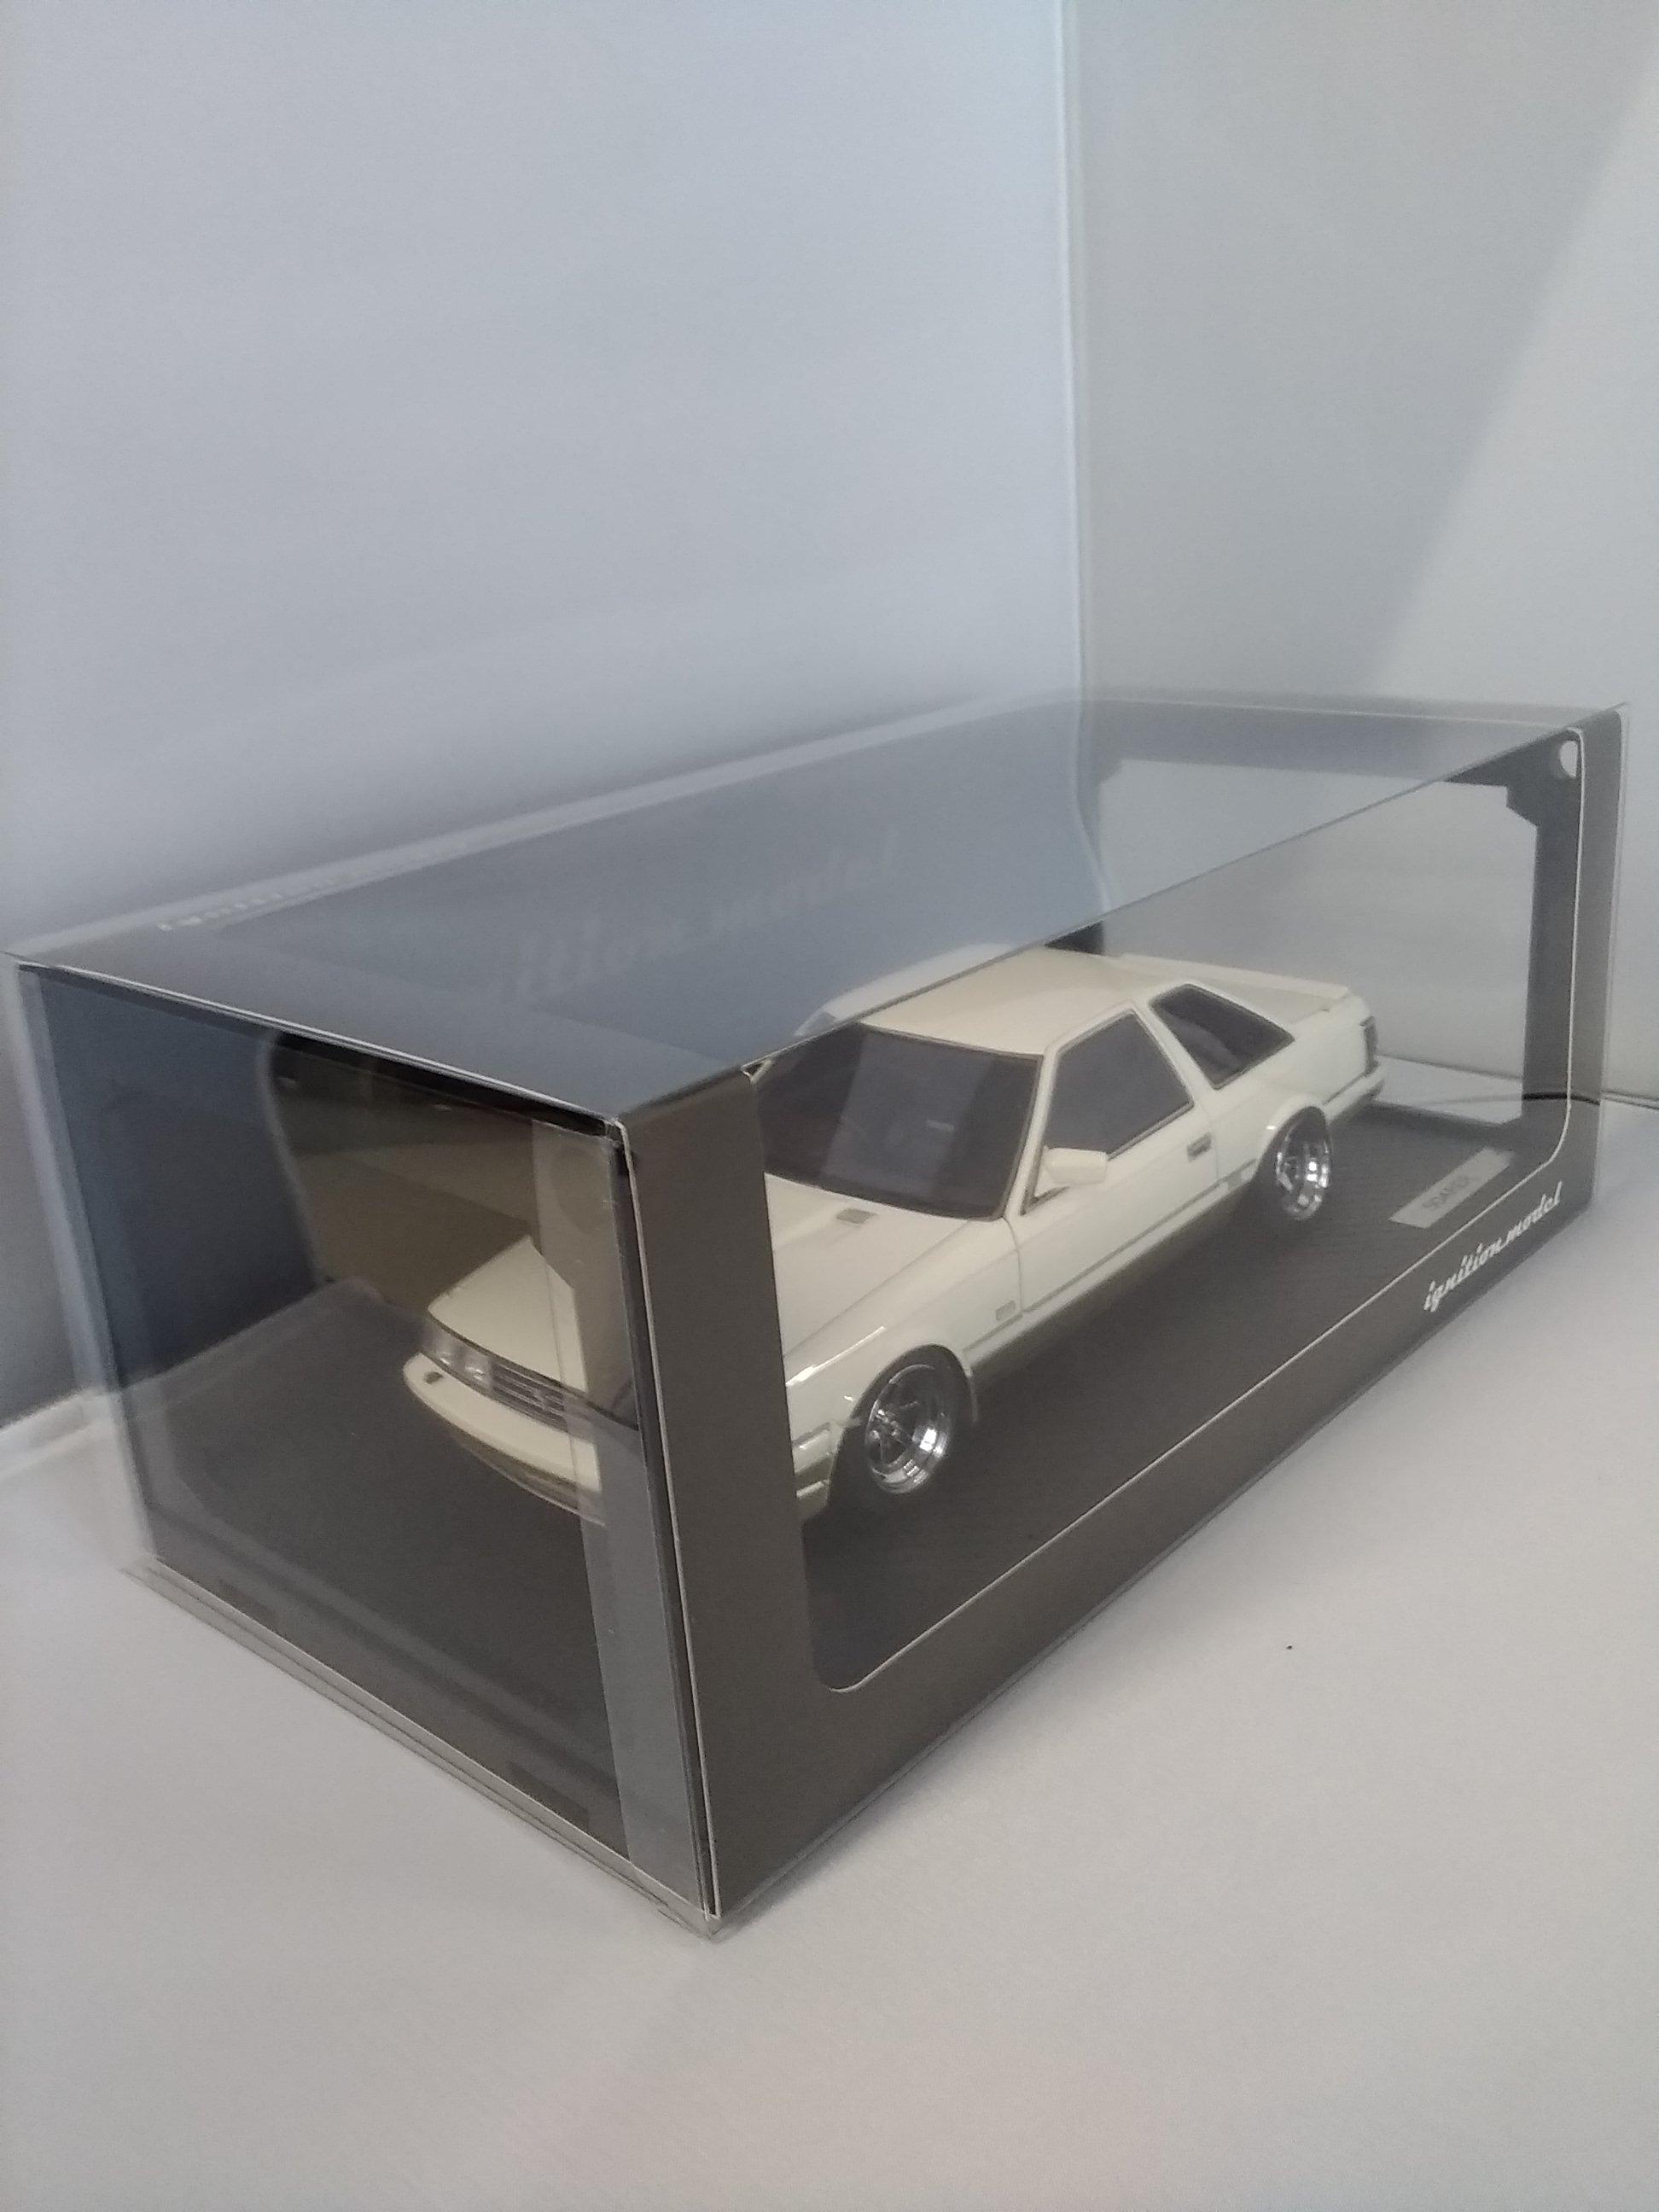 トヨタ ソアラ3.0GTリミテッド GZ10|イグニッションモデル